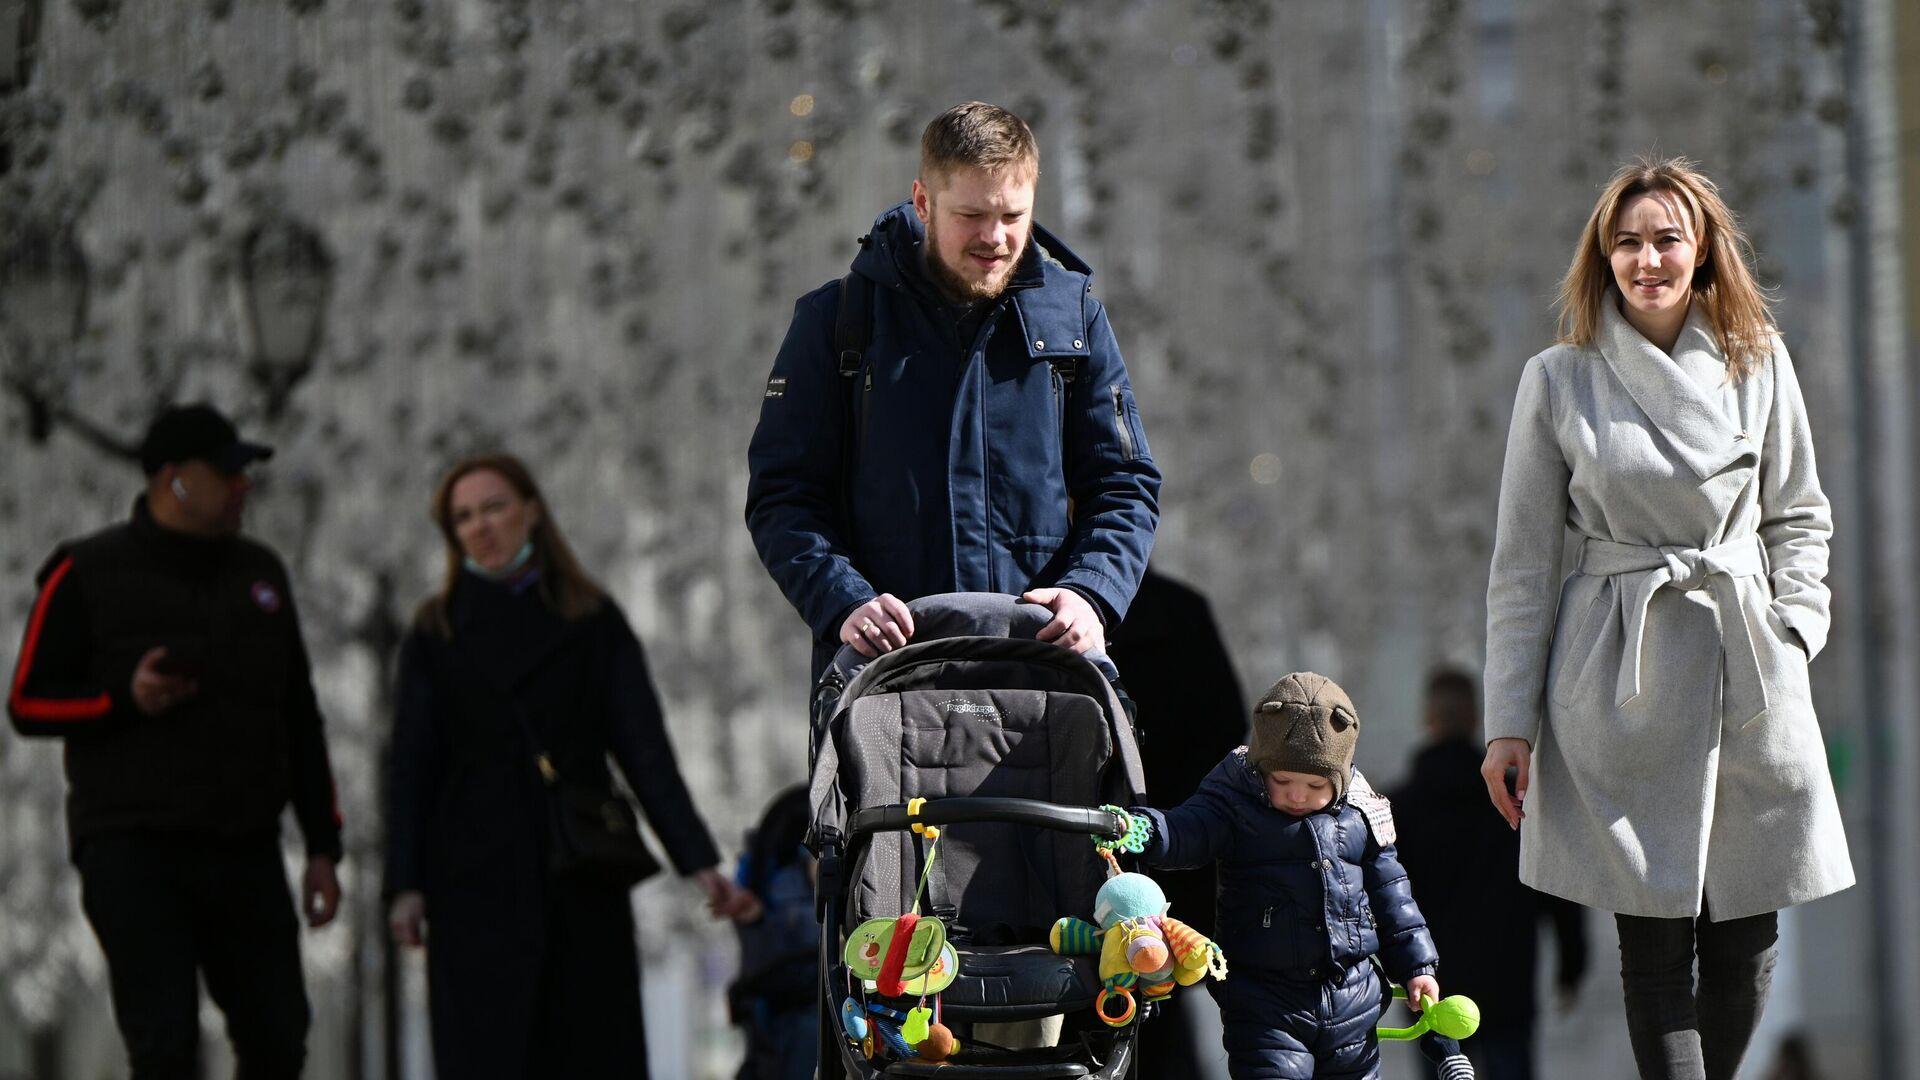 Молодые люди с ребёнком во время прогулки на улице Никольская в Москве - РИА Новости, 1920, 21.04.2021